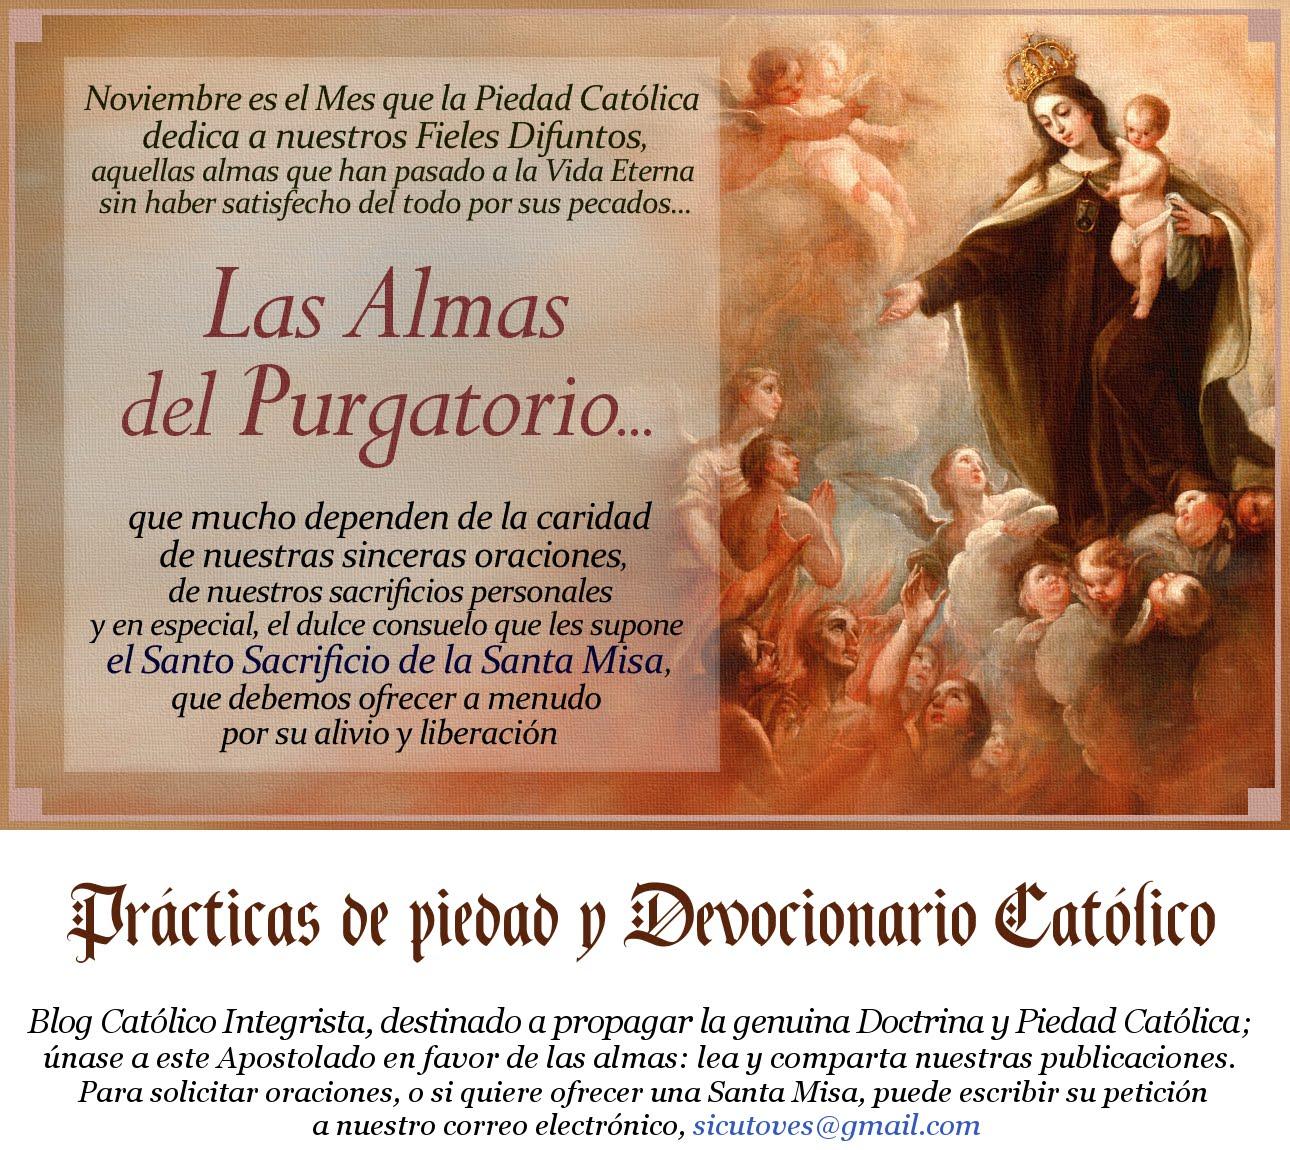 Prácticas de piedad y Devocionario Católico